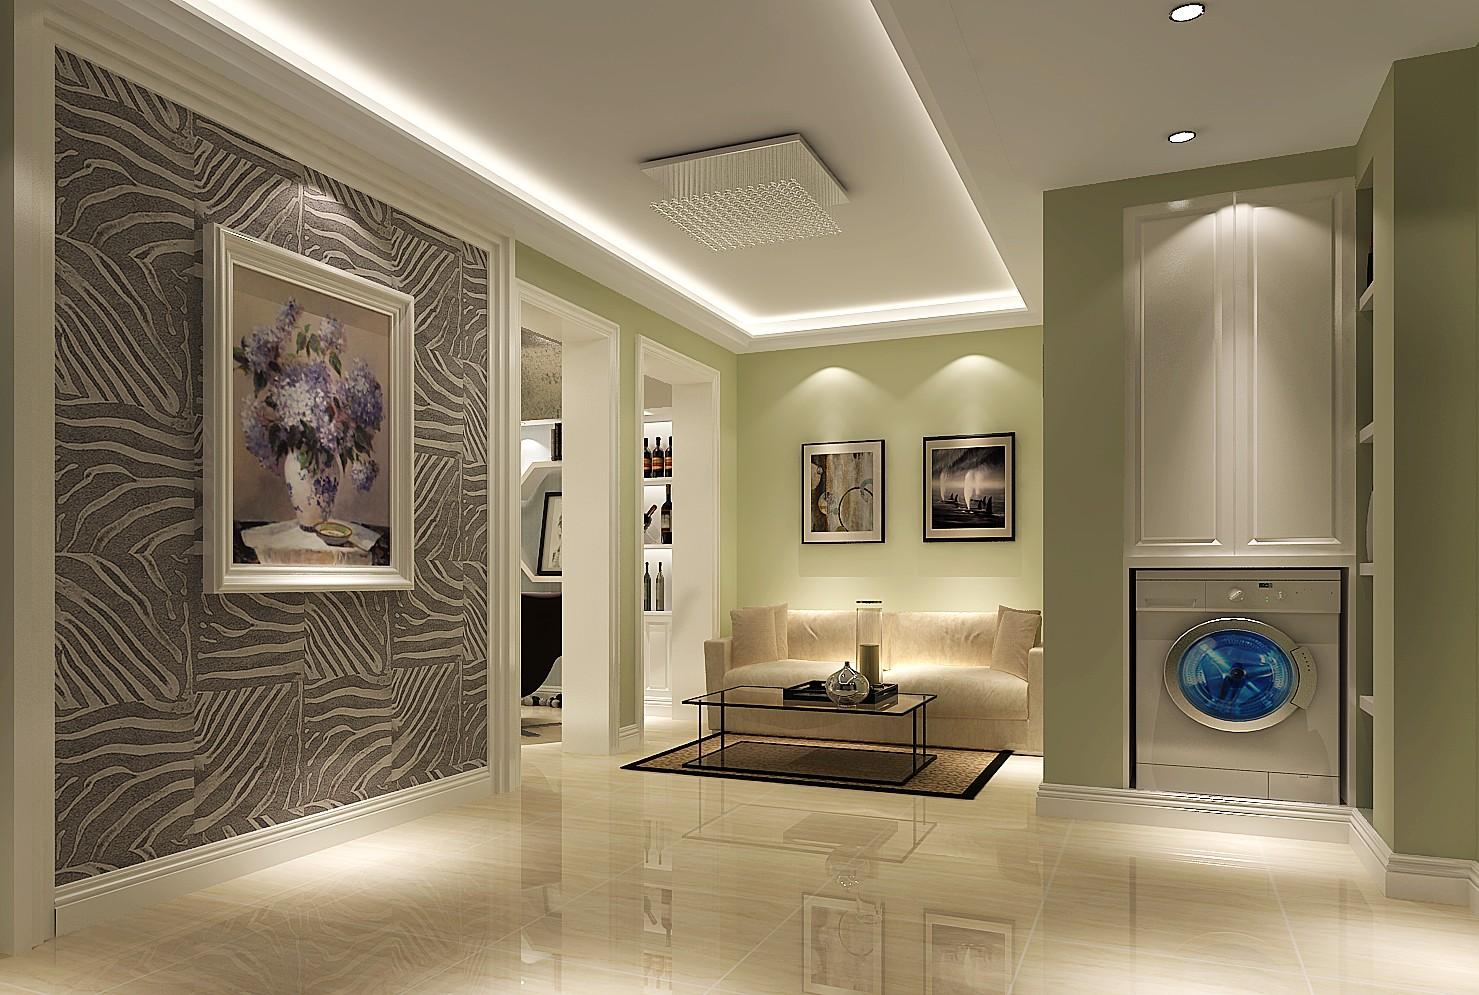 简约 现代 高度国际 一居 80后 小清新 公主房 温馨 时尚简约 玄关图片来自北京高度国际装饰设计在50平现代简约极致公寓的分享